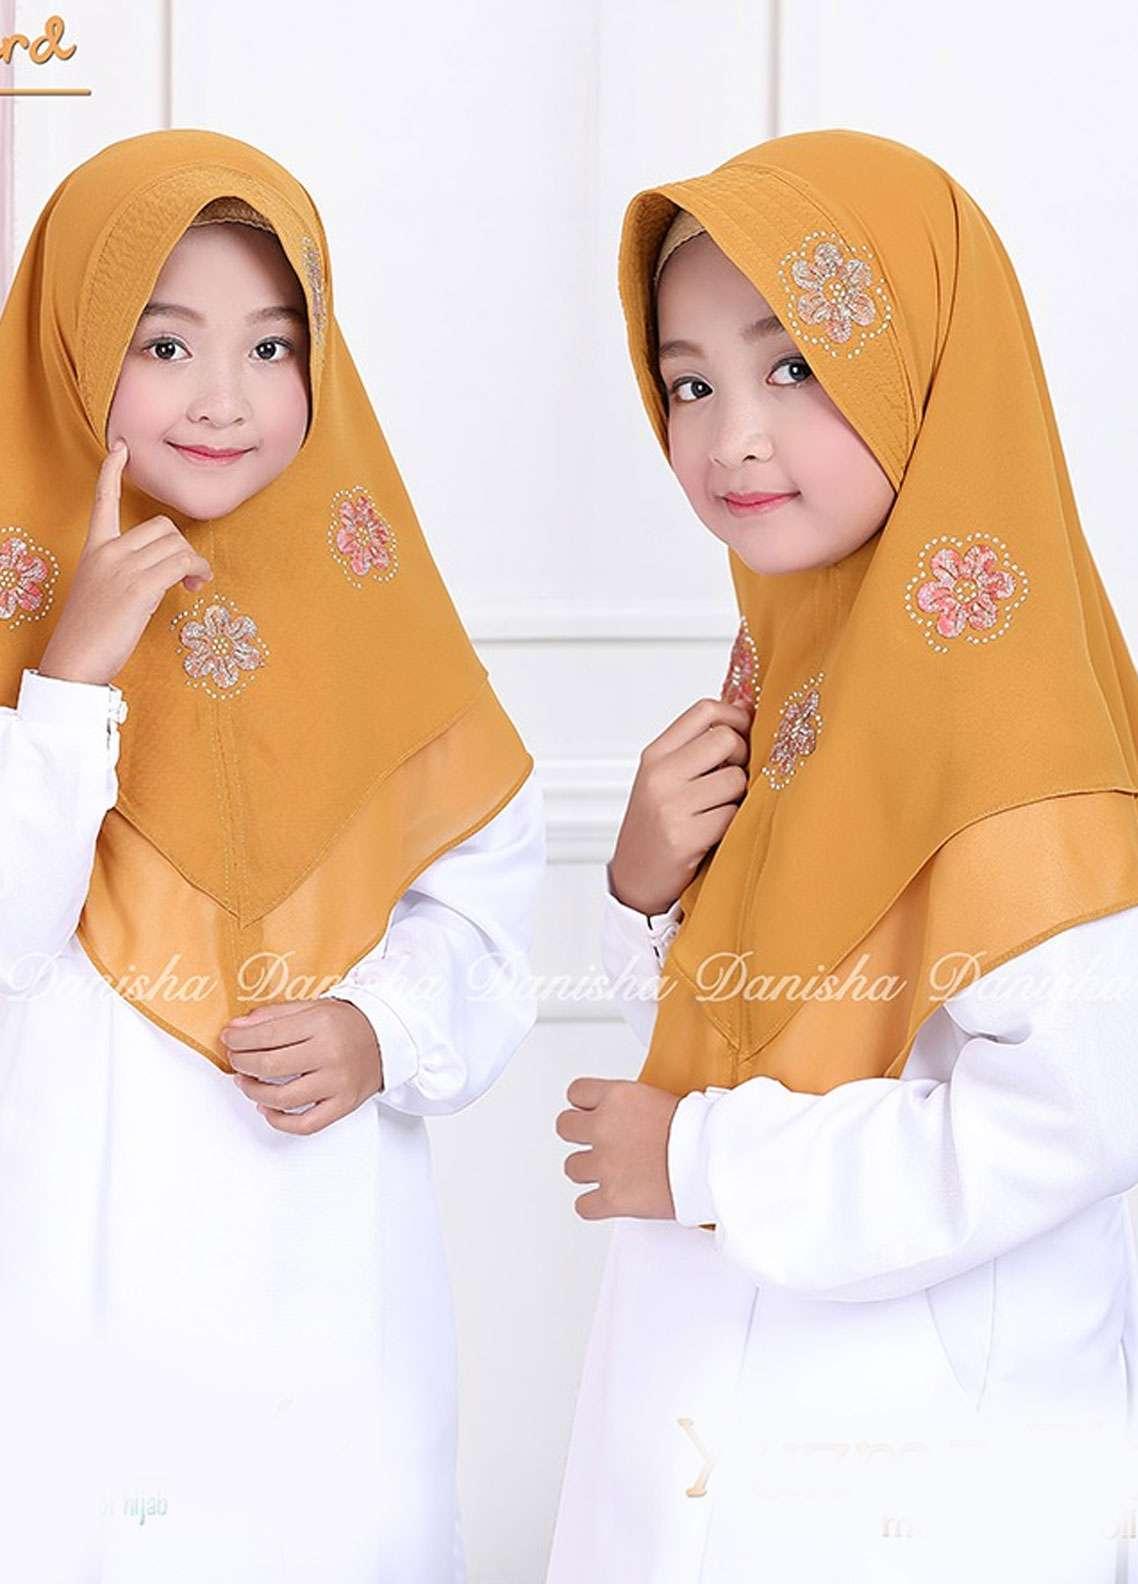 Danisha | Style of Hijab  Bubble Pop  Girls Scarves HH Danisha Yuzma 05 Mustard